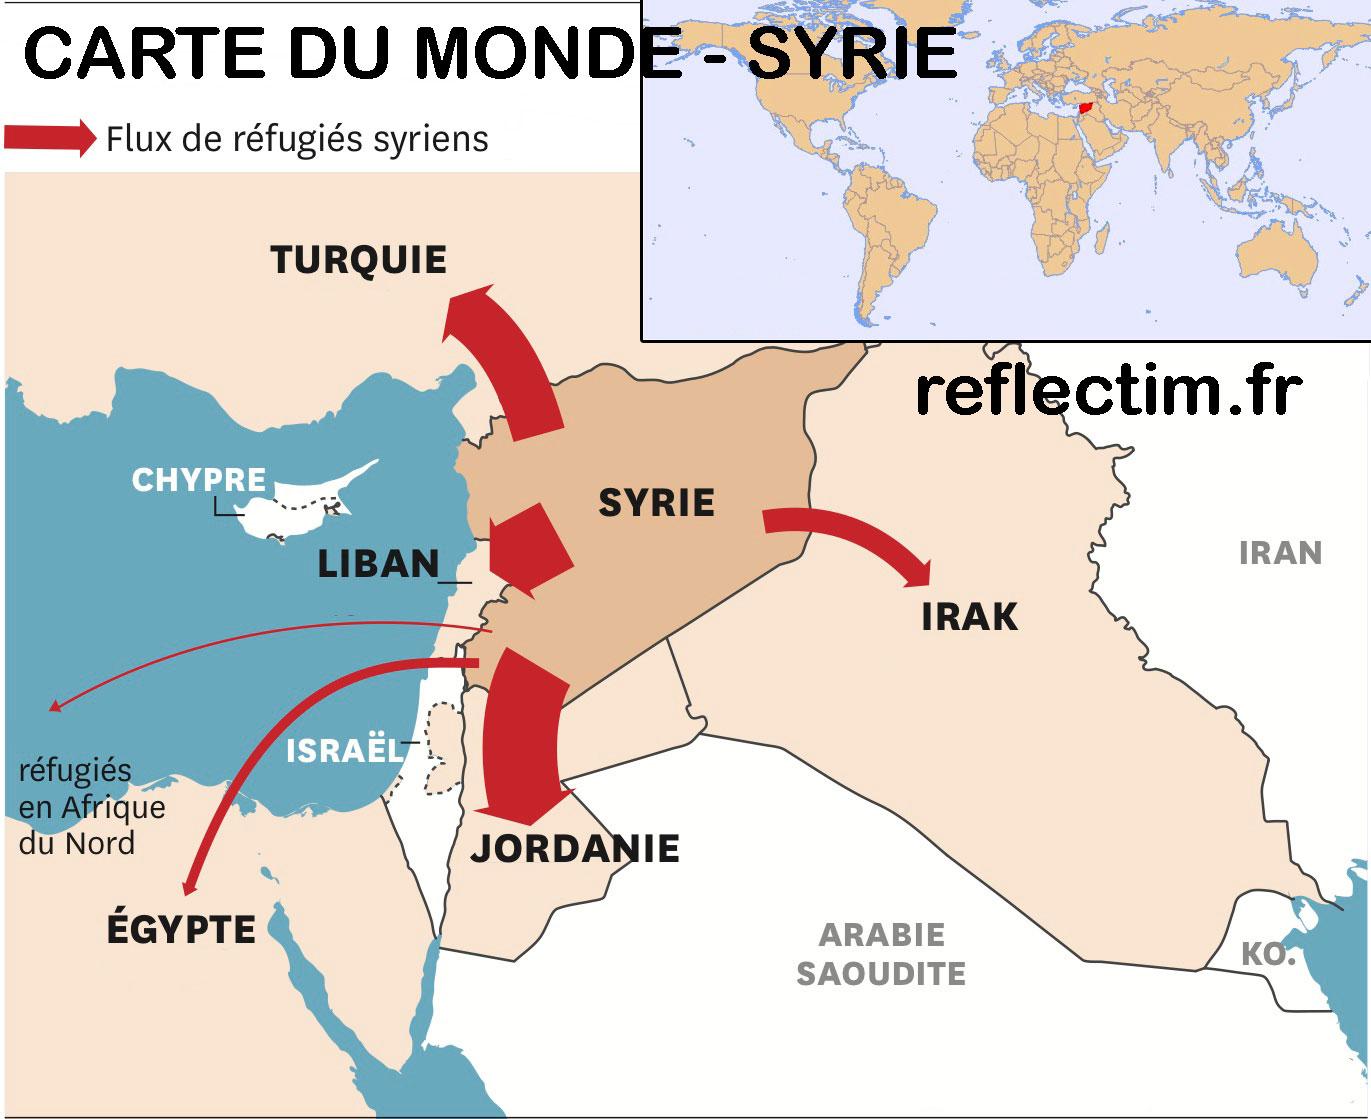 syrie carte du monde Carte du monde Syrie   Voyages   Cartes